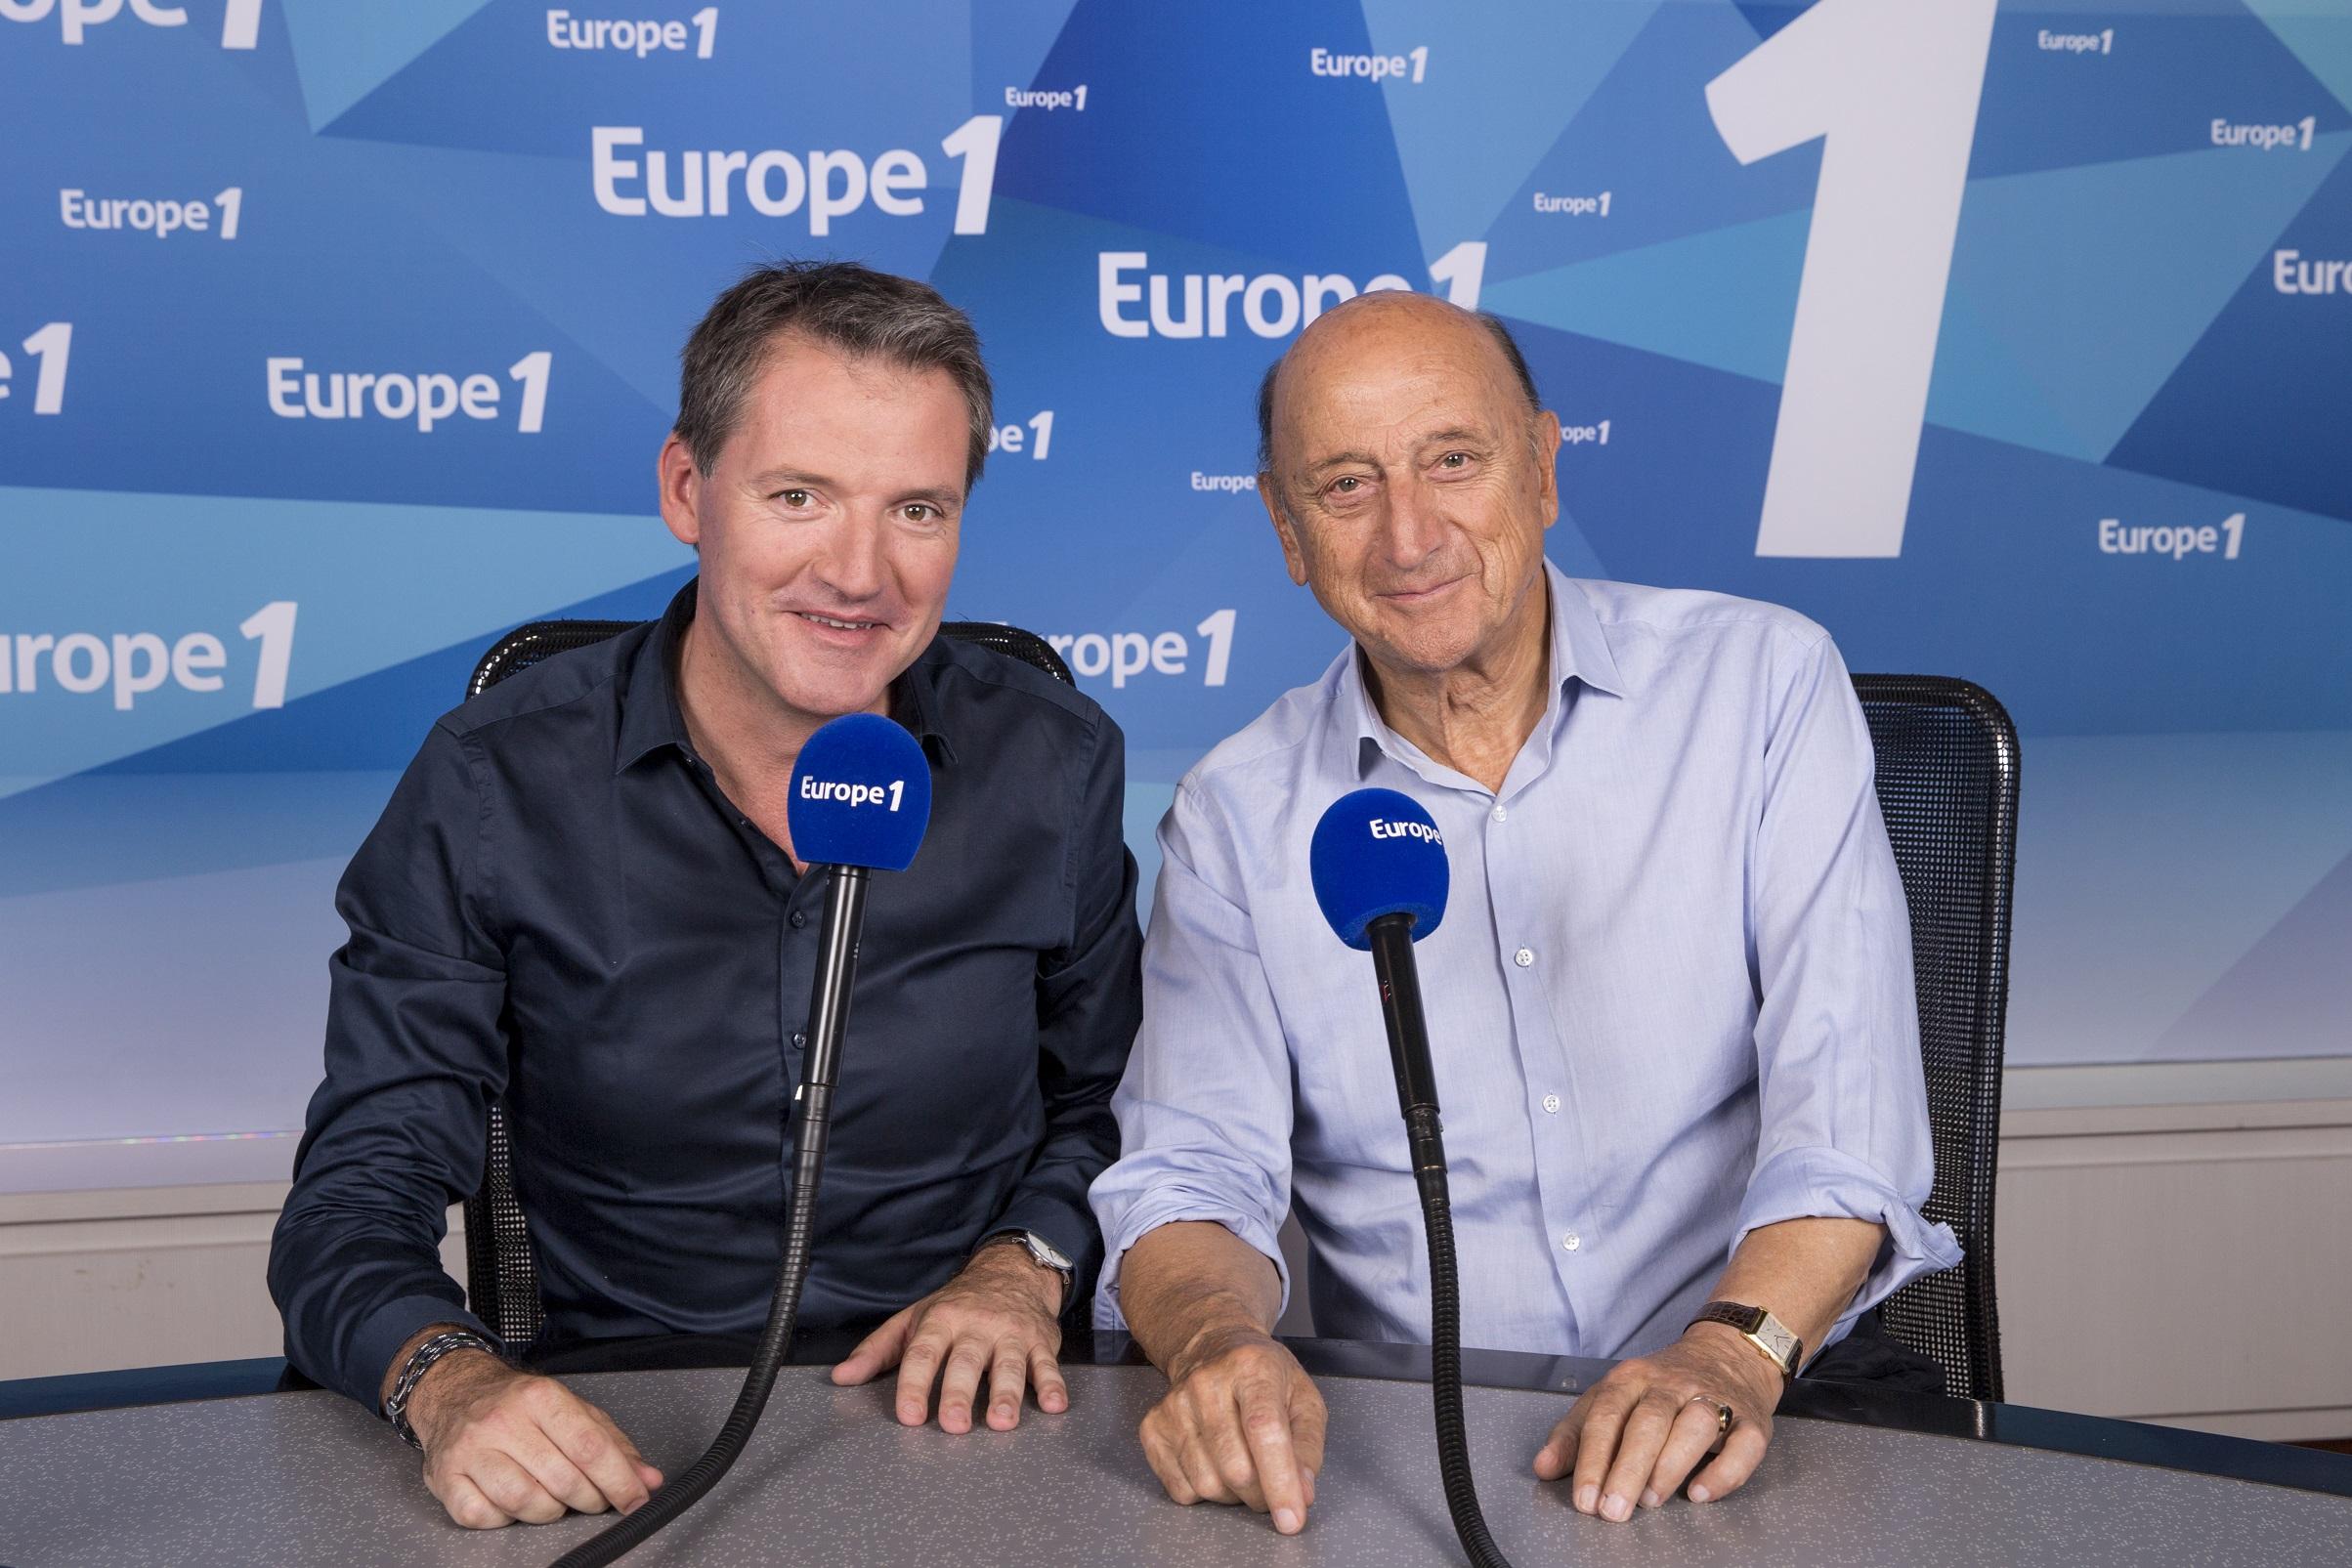 Pierre Bonte et Olivier Alleman © Crédit Photo: Eric Frotier de Bagneux / Capa Pictures / Europe 1